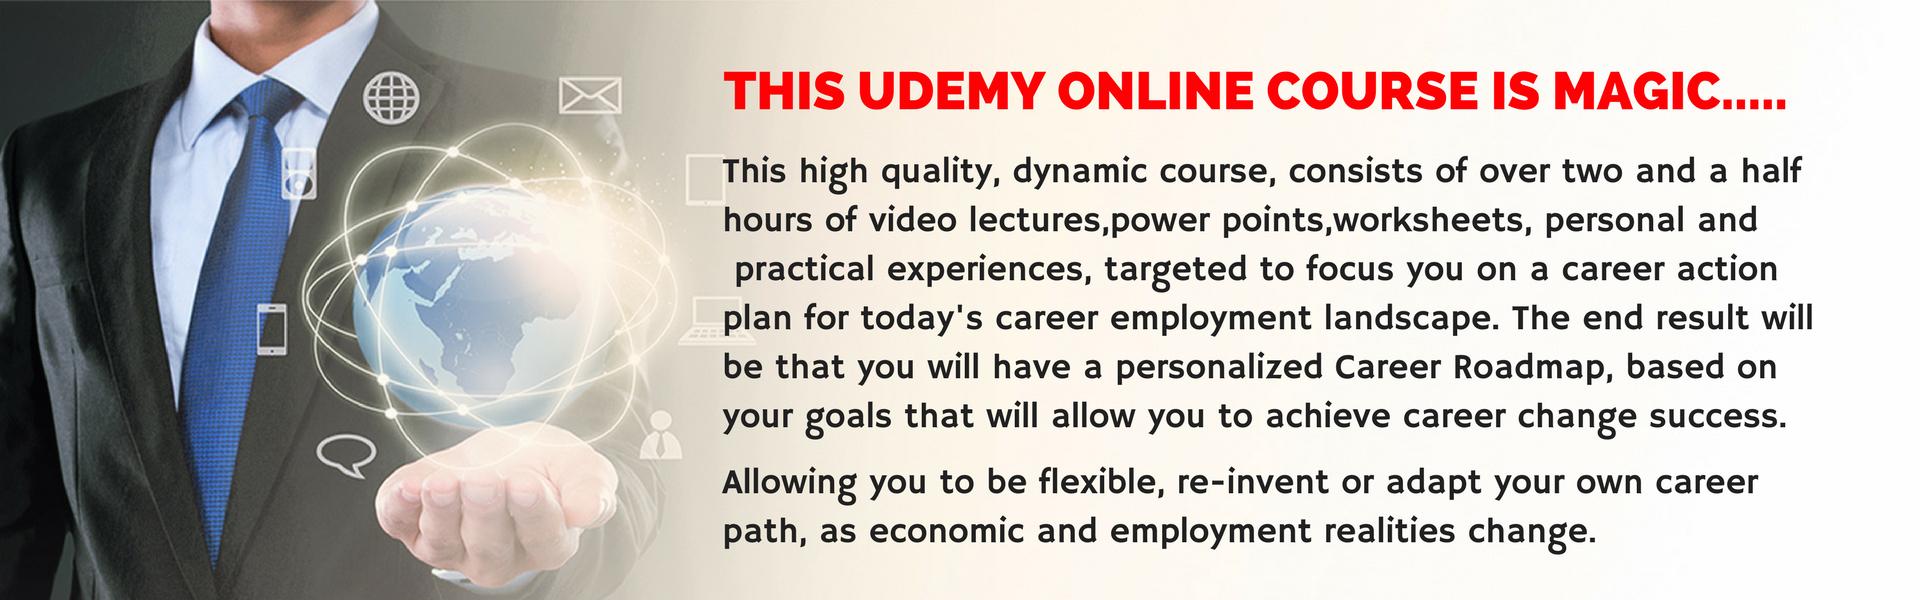 UDEMY.videolectures (2)